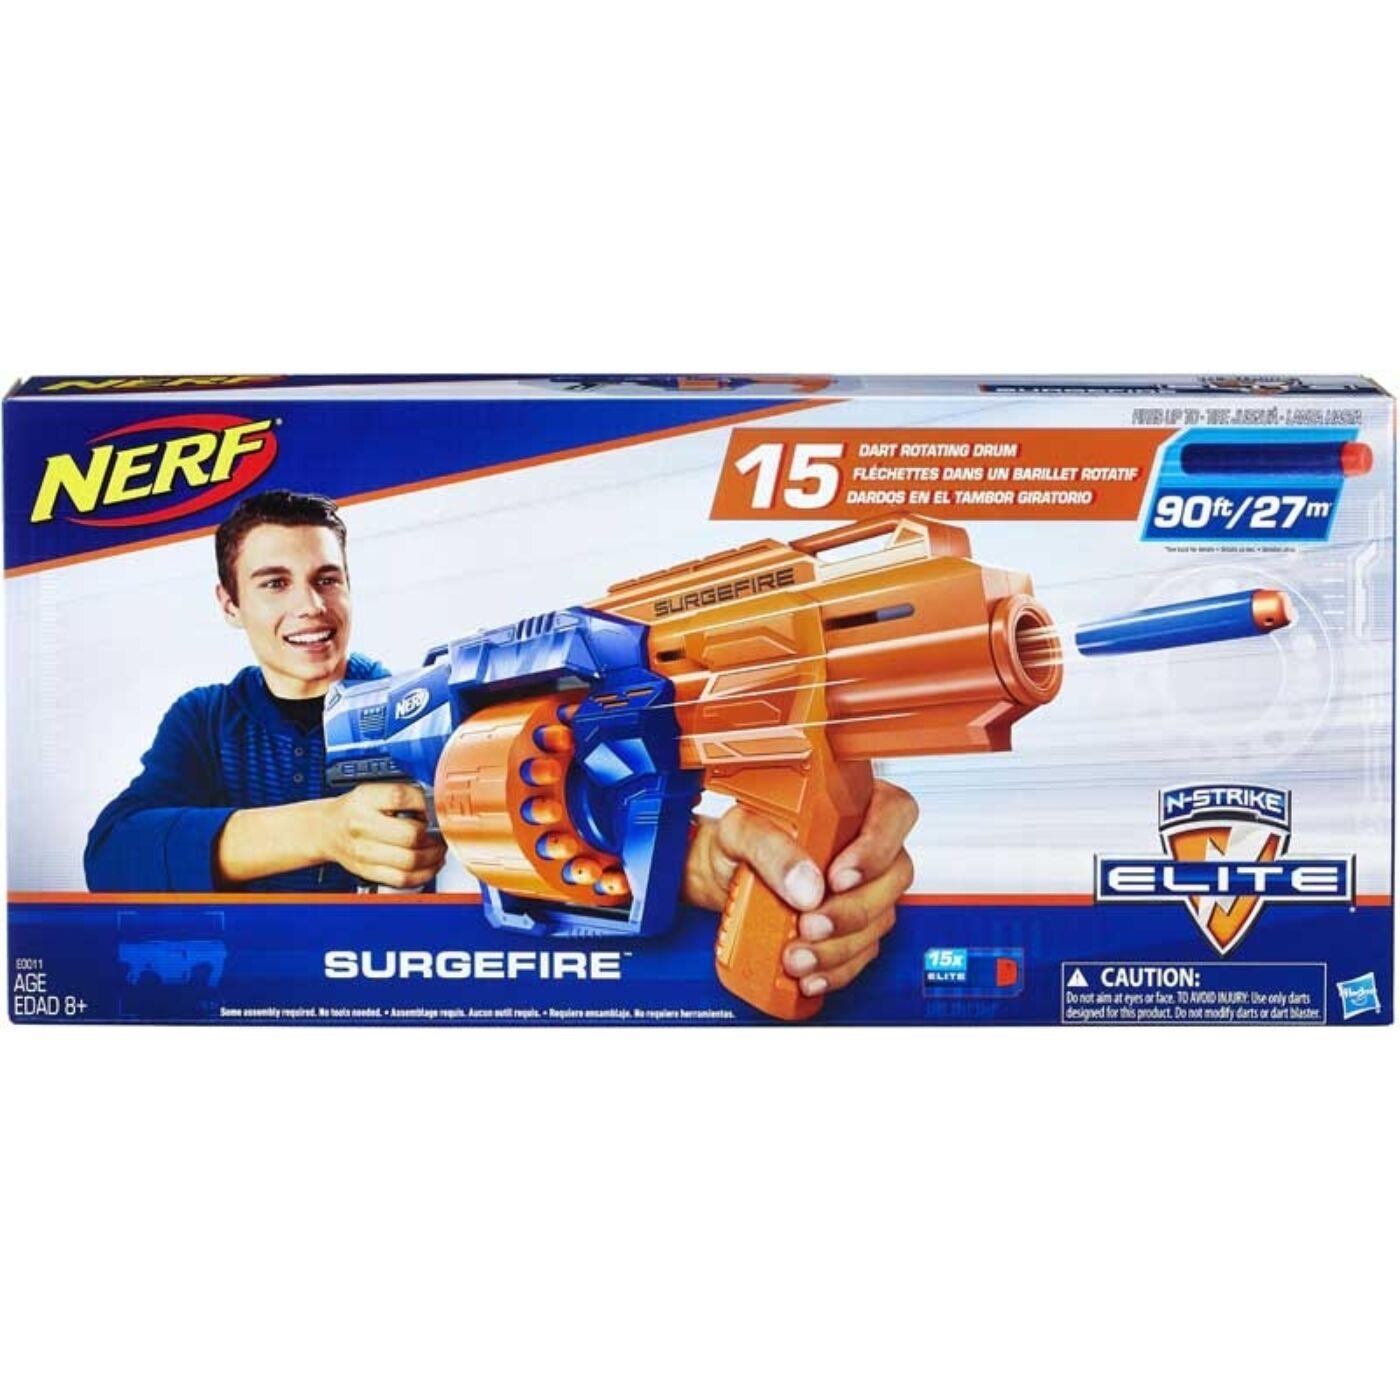 Nerf Elite Surgefire